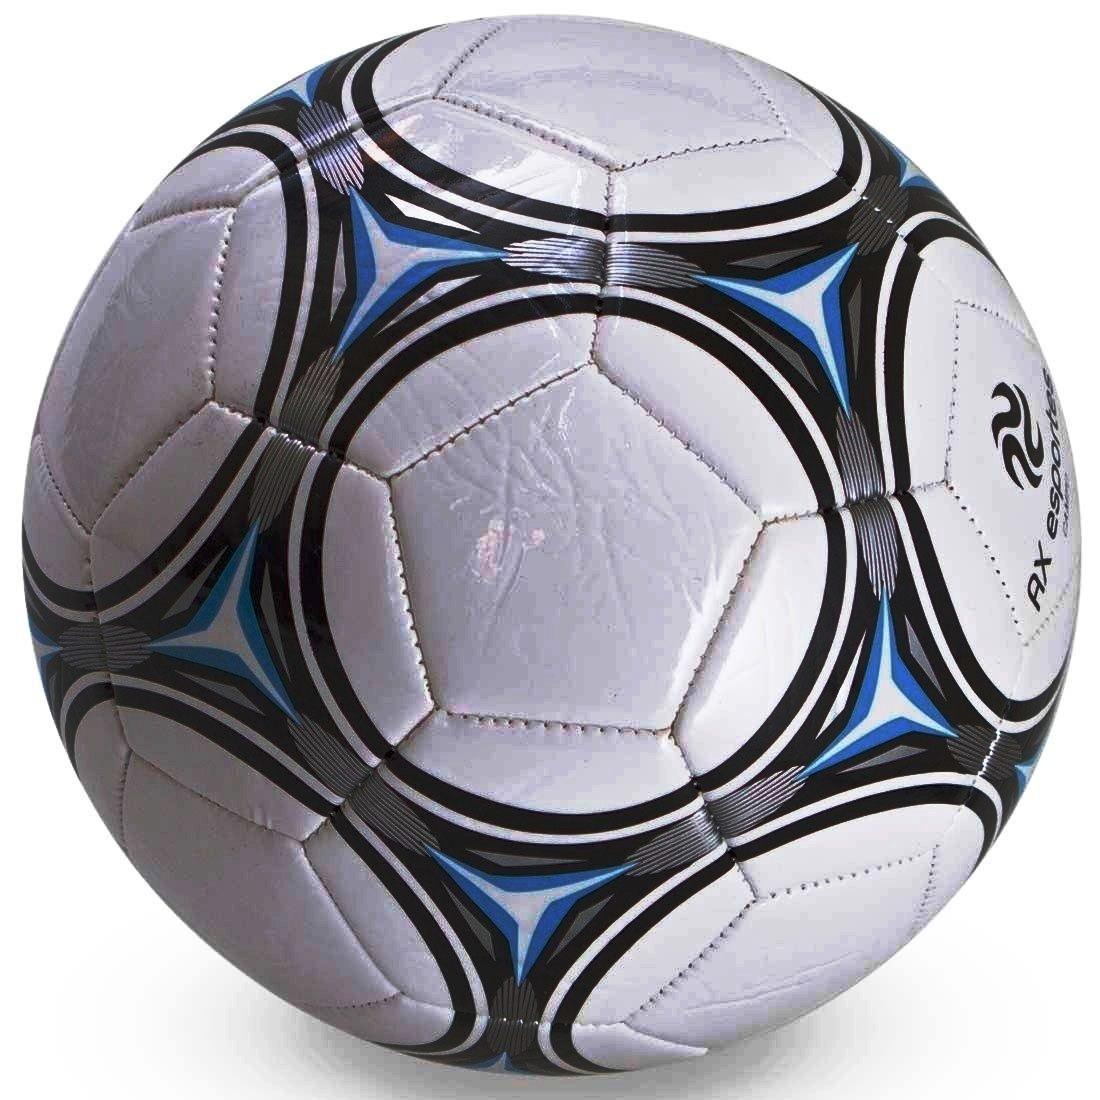 e3608a71de78d Bola Oficial De Futebol De Campo - R  69